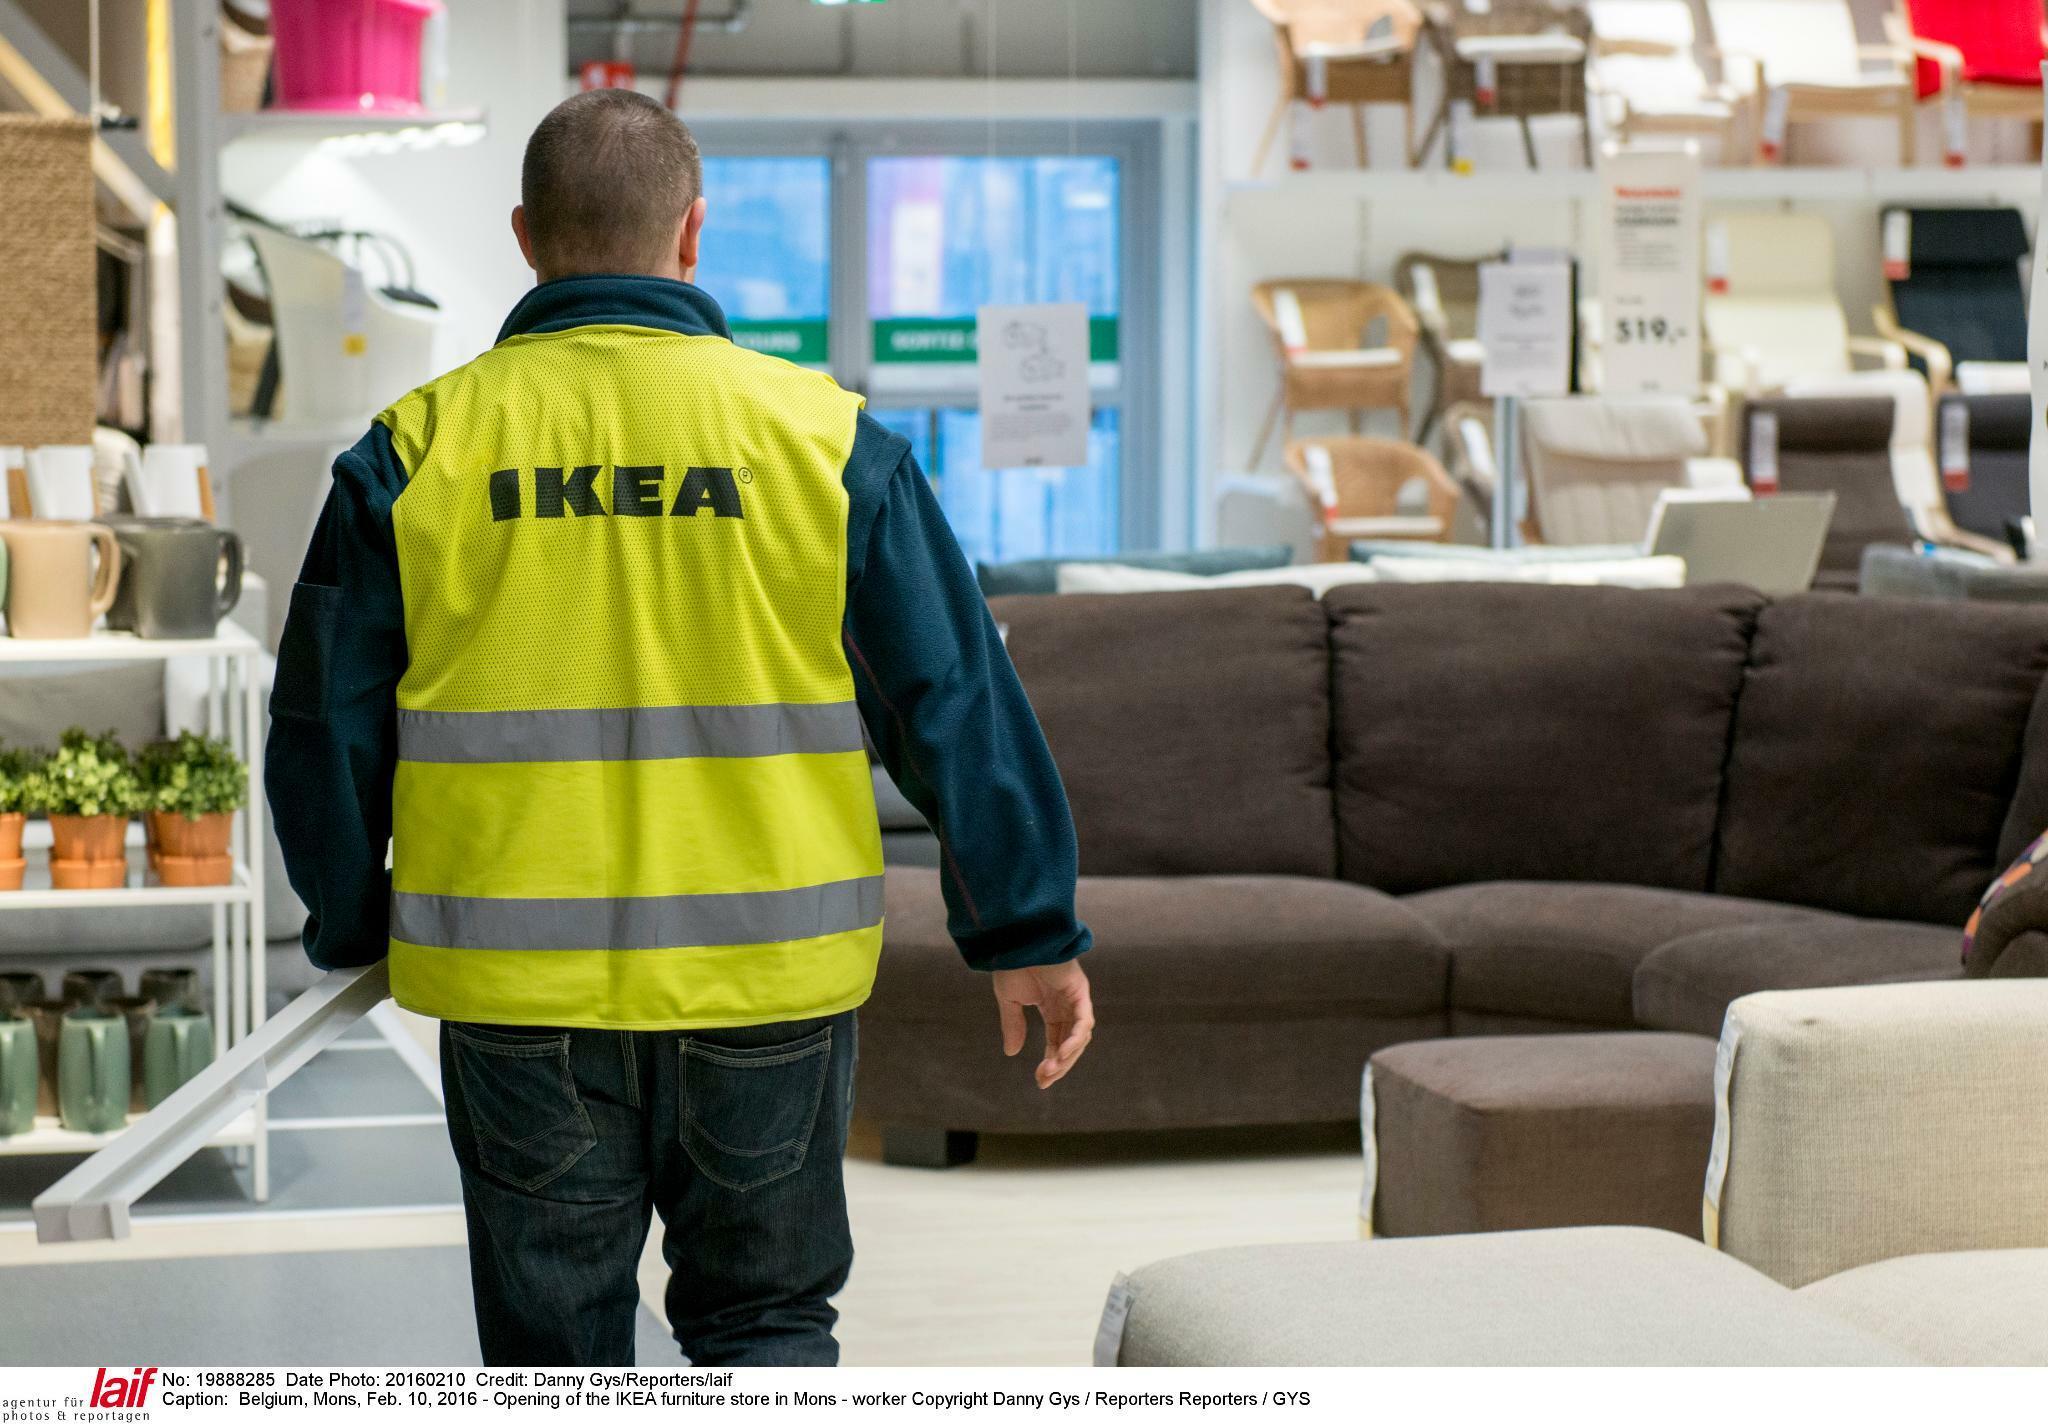 Das Verspricht Sich Ikea Von Der Kooperation Mit Sonos